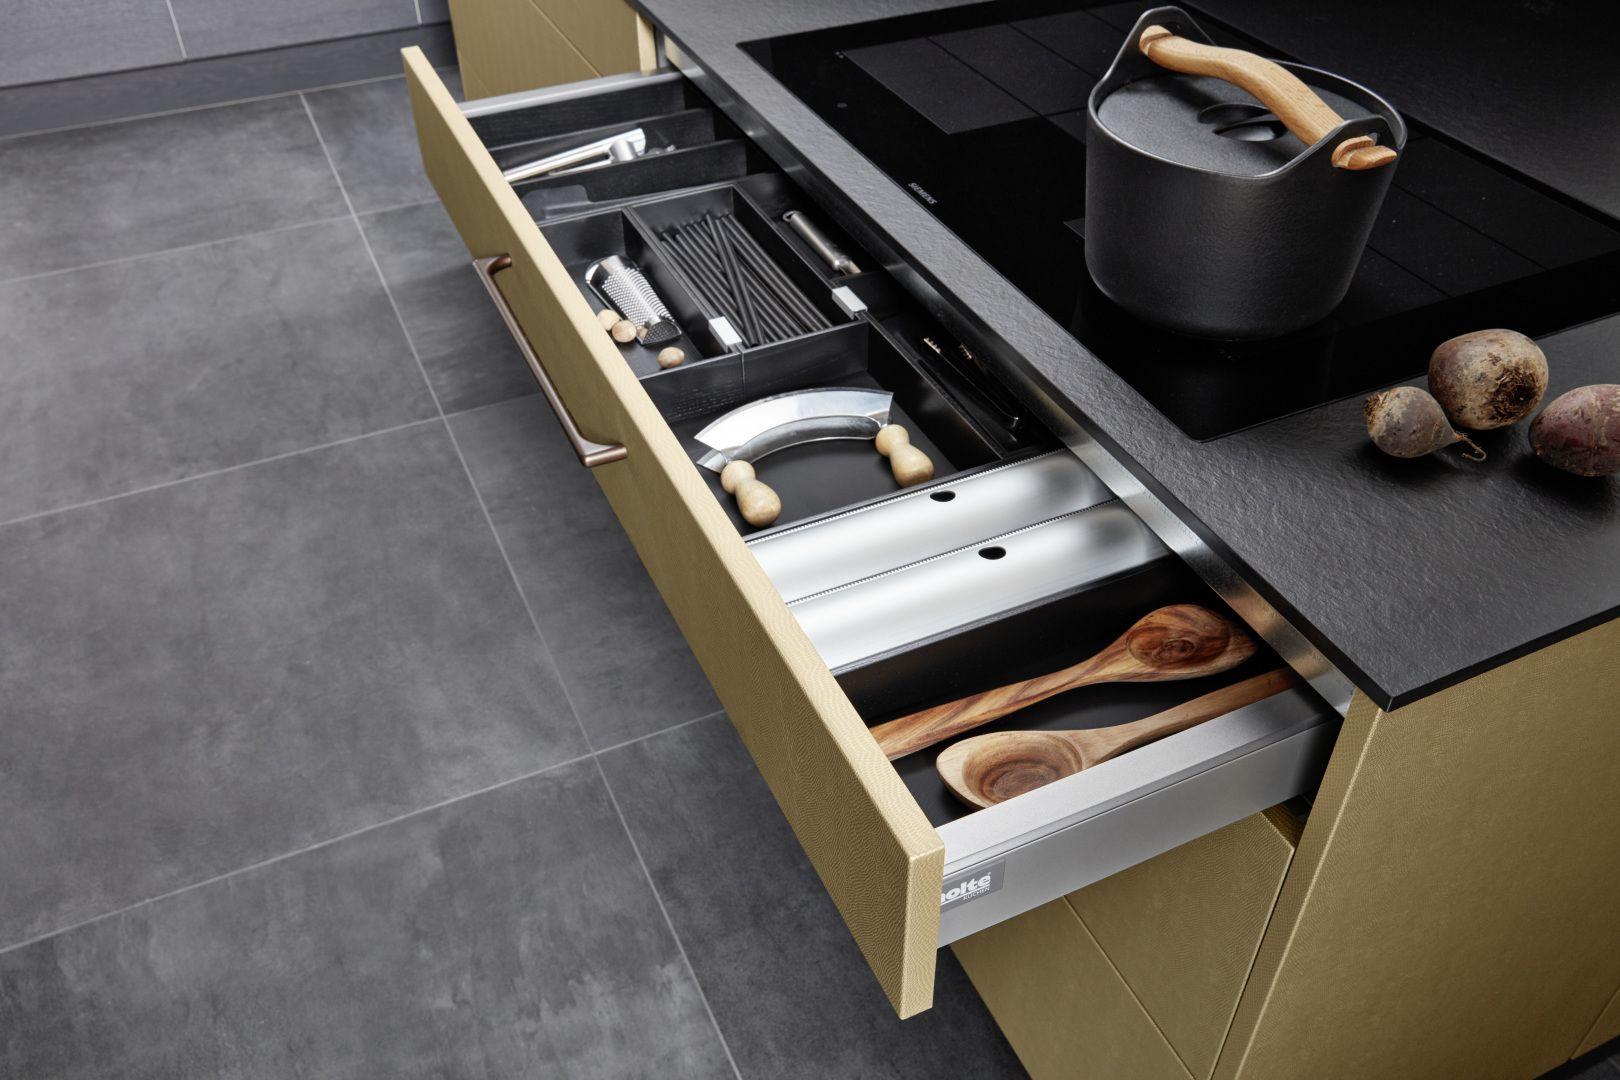 Moderne Kuchen Stilvoll Innovativ Nolte Kuechen De Moderne Kuchenideen Moderne Kuche Kuchenschranke Und Regale